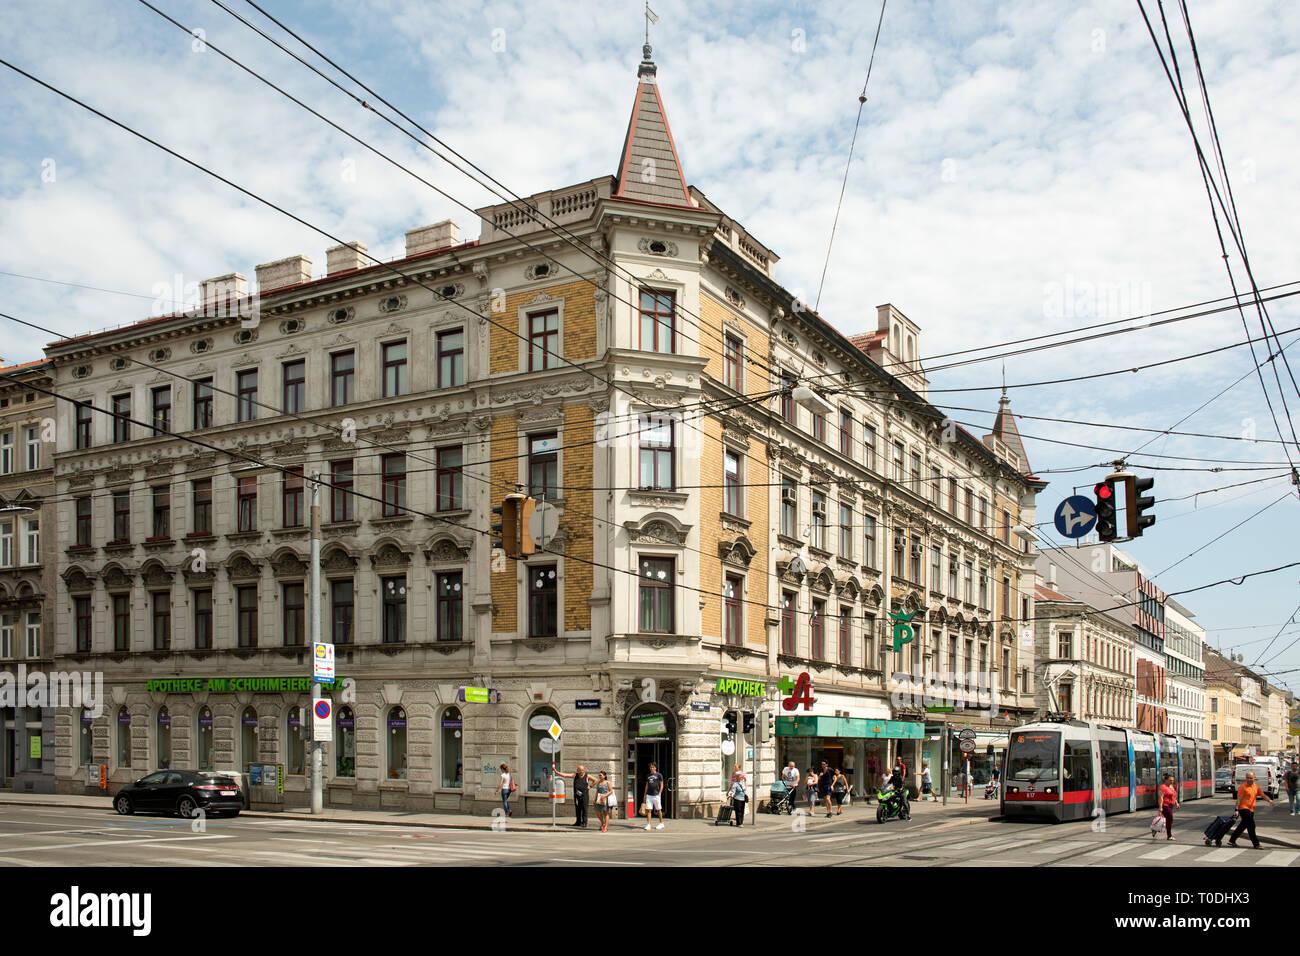 Österreich, Wien, Ottakring, Thaliastrasse / Wattgasse - Stock Image